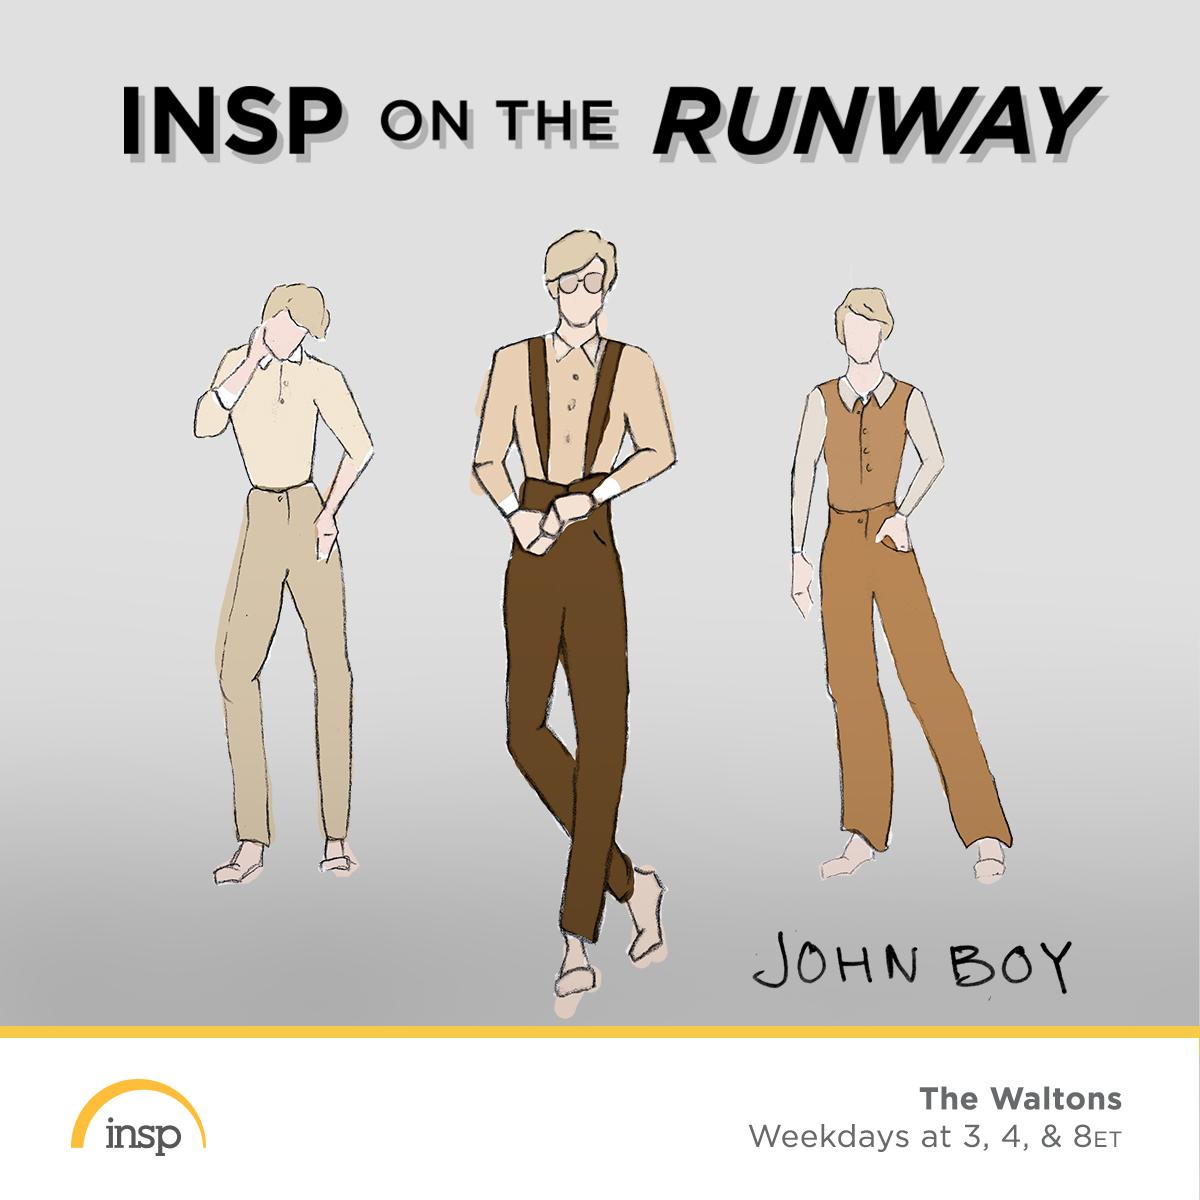 15-IM-0424-FashionWeekBlogPost-JohnBoy-1200x1200